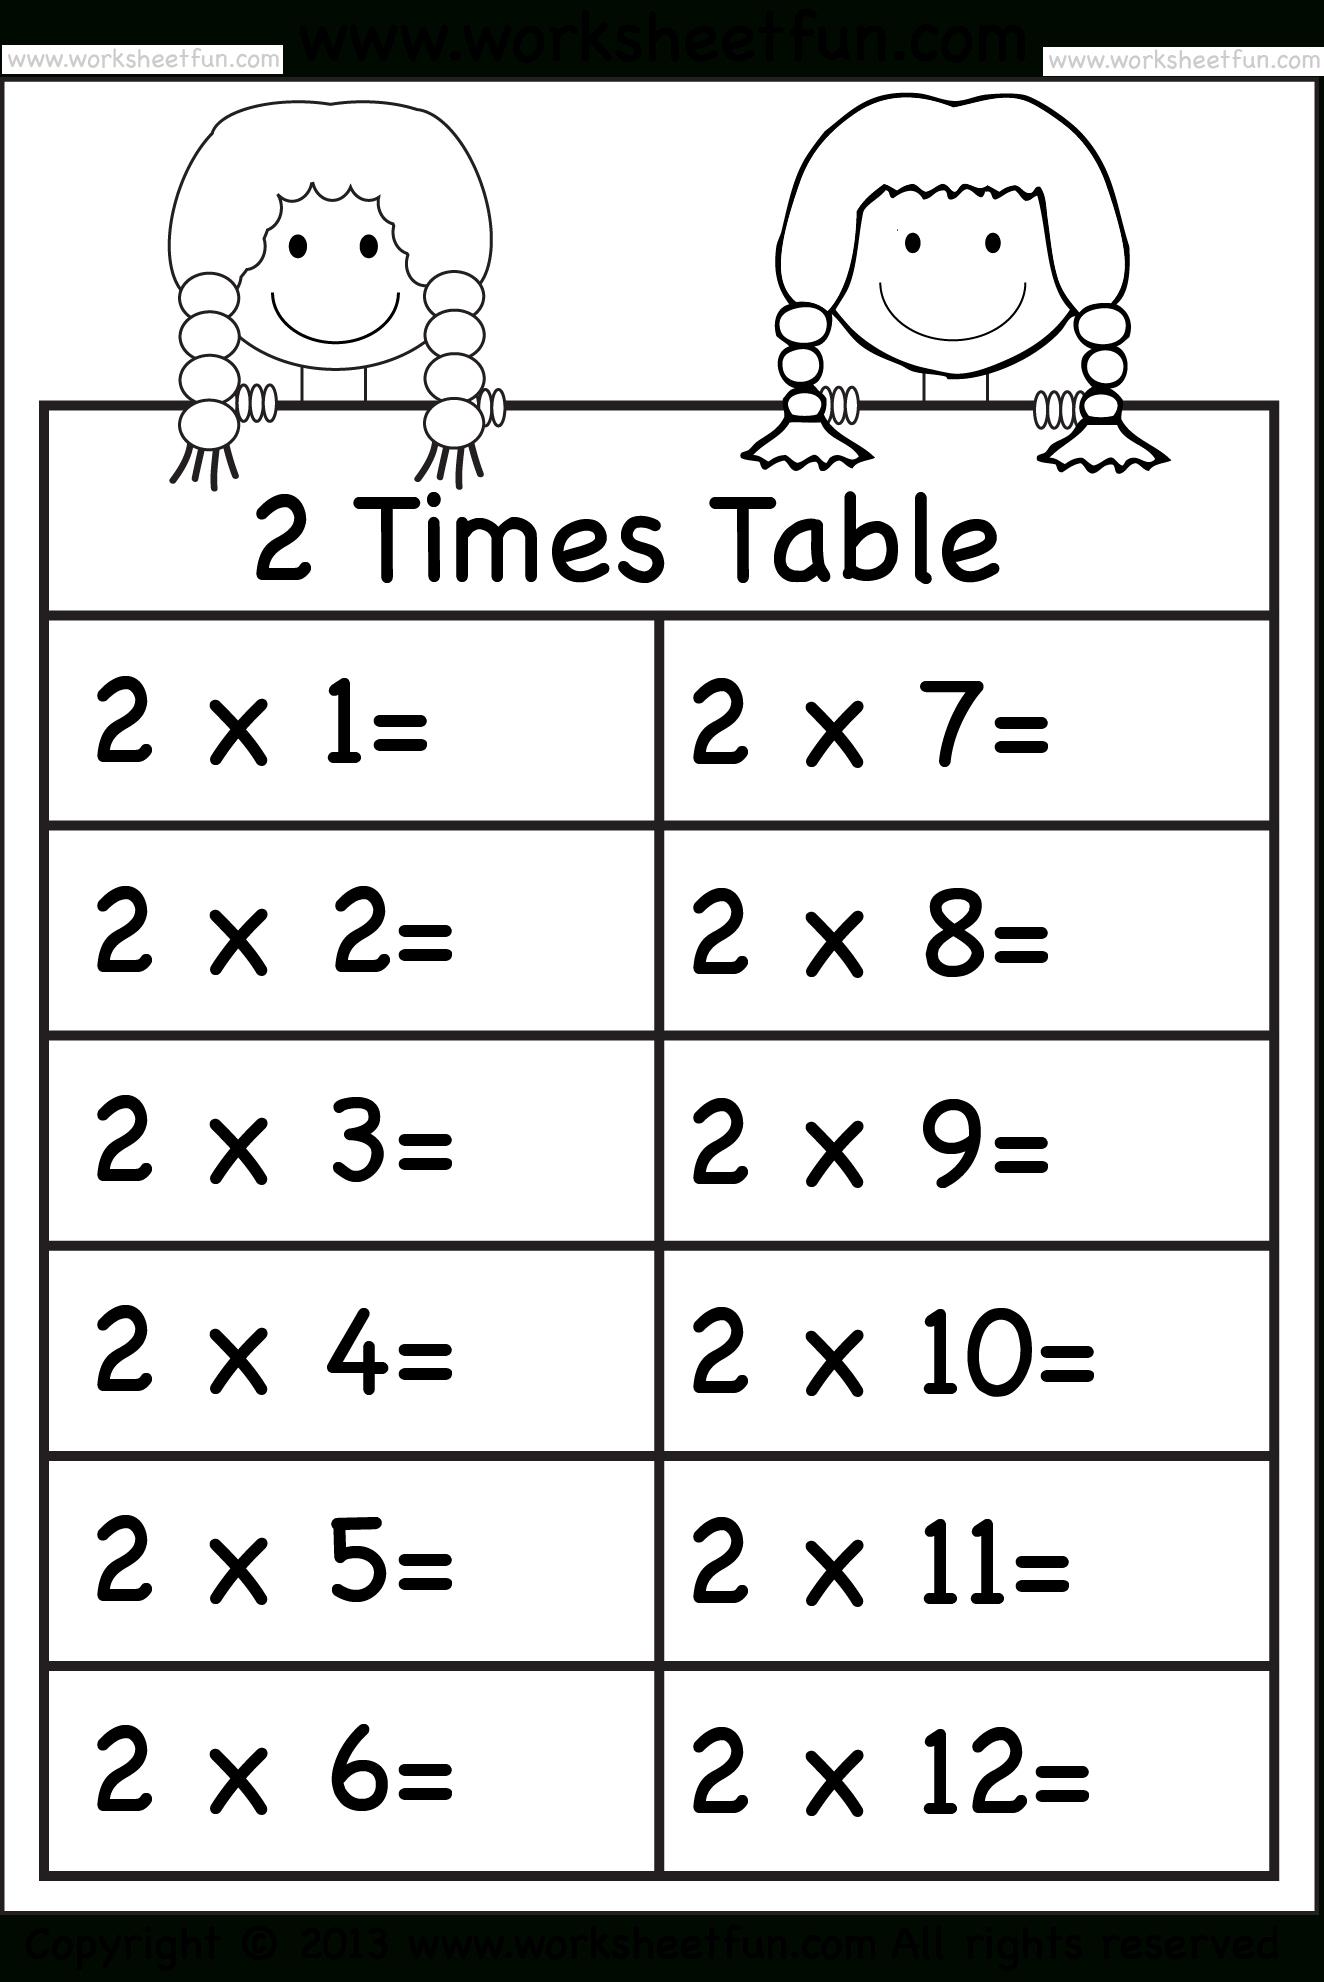 5 Times Table Worksheet Printable